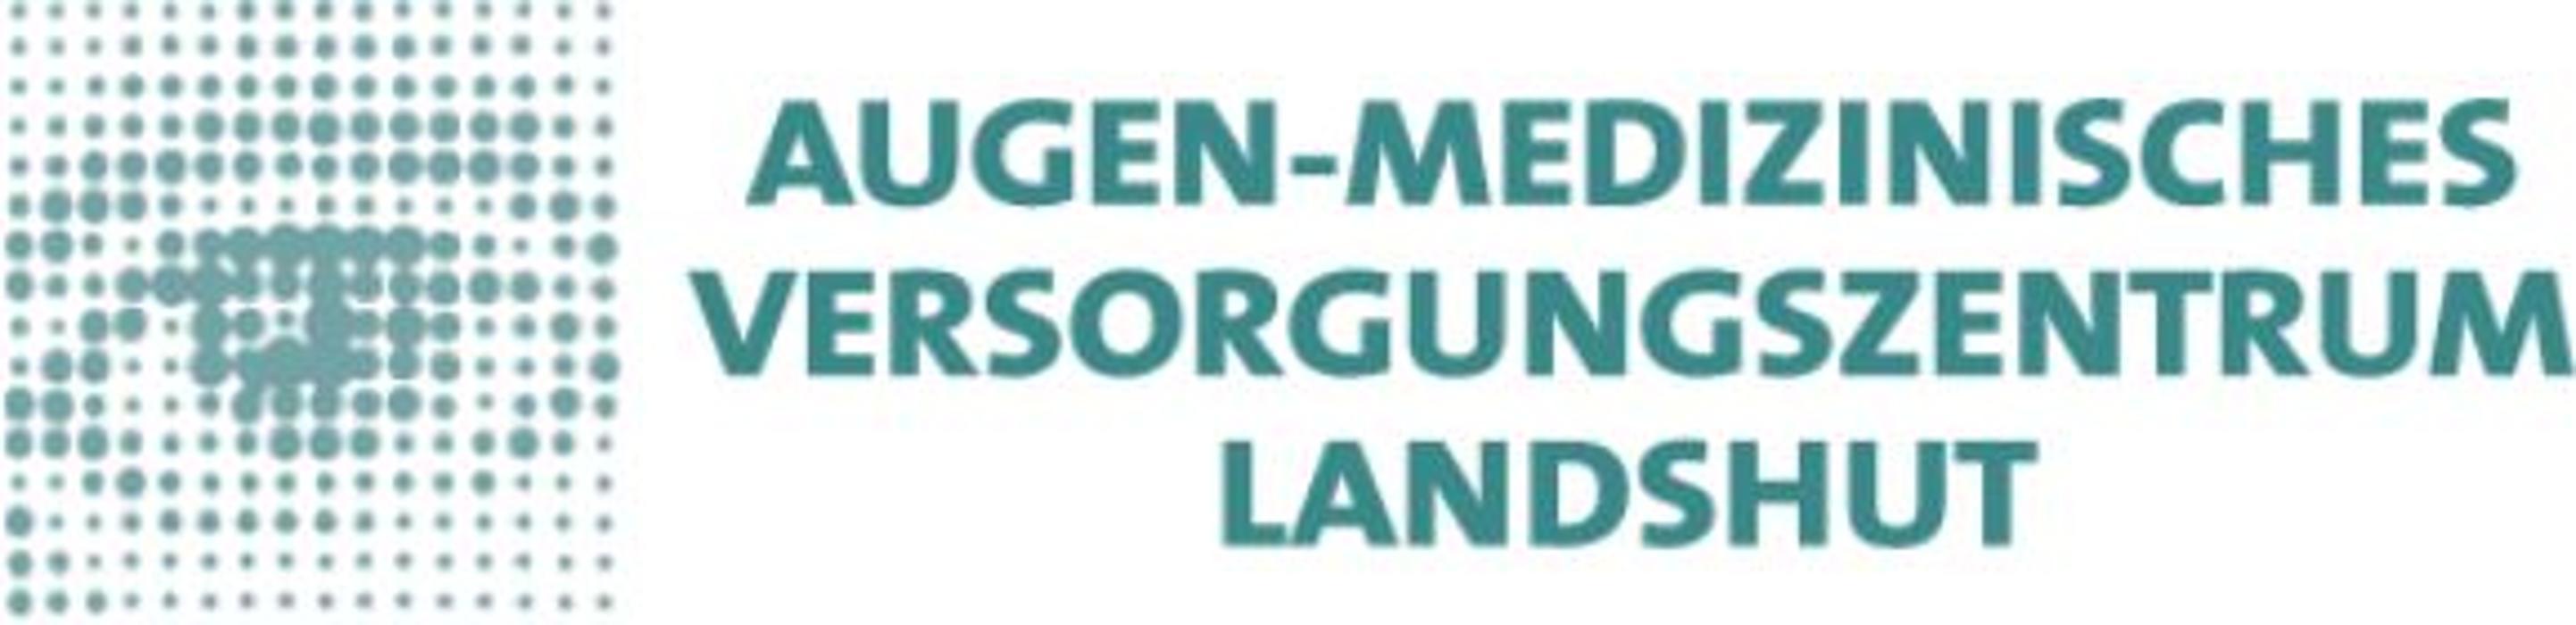 Bild zu Augen-Medizinisches Versorgungszentrum Landshut in Landshut